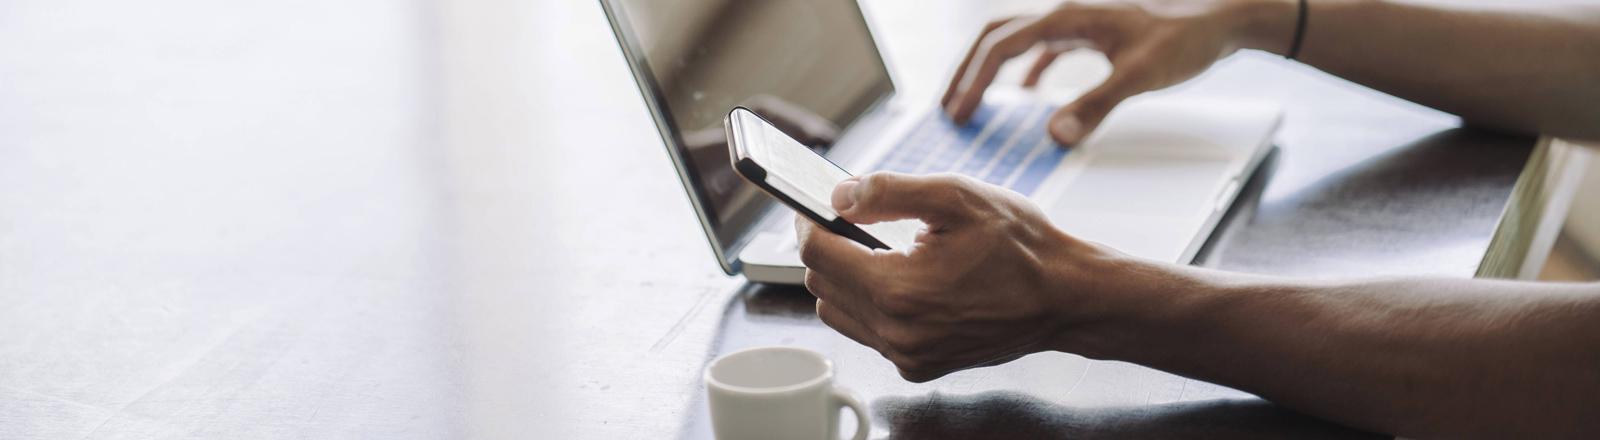 Computer und Smartphone